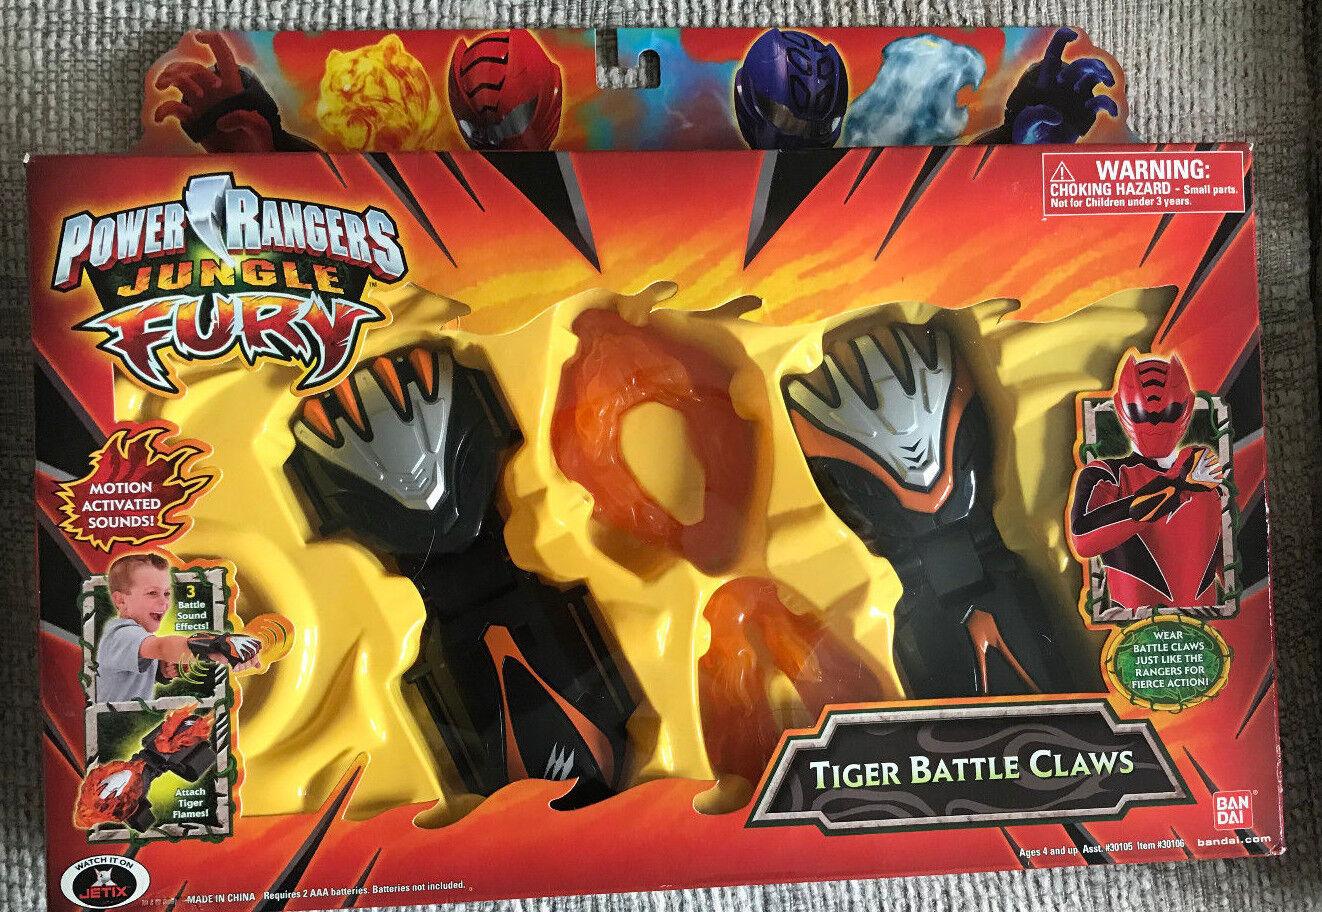 descuento Power Rangers Jungle Jungle Jungle Fury electrónica tigre garras de Batalla Nuevo en Paquete  cómodamente